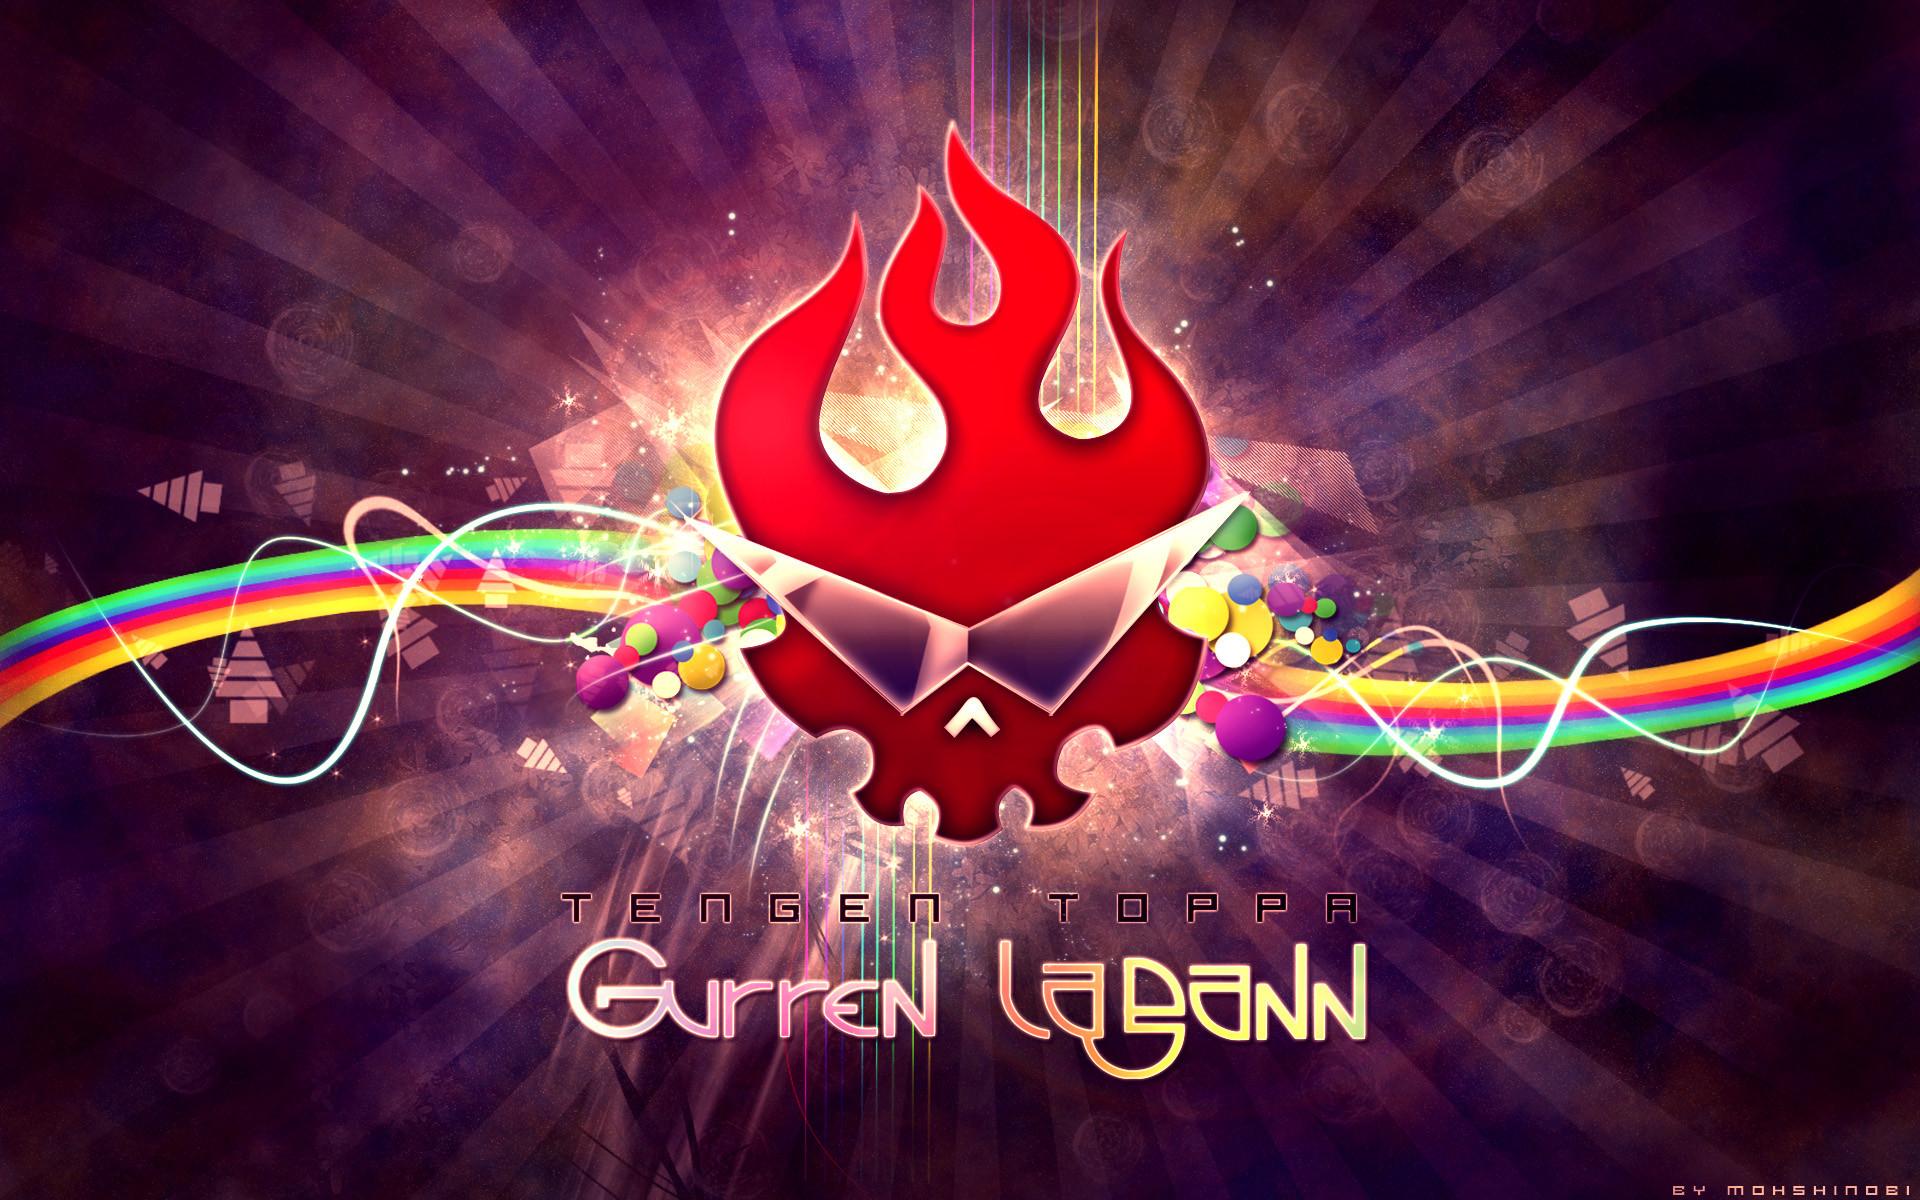 Tengen Toppa Gurren-Lagann · download Tengen Toppa Gurren-Lagann image